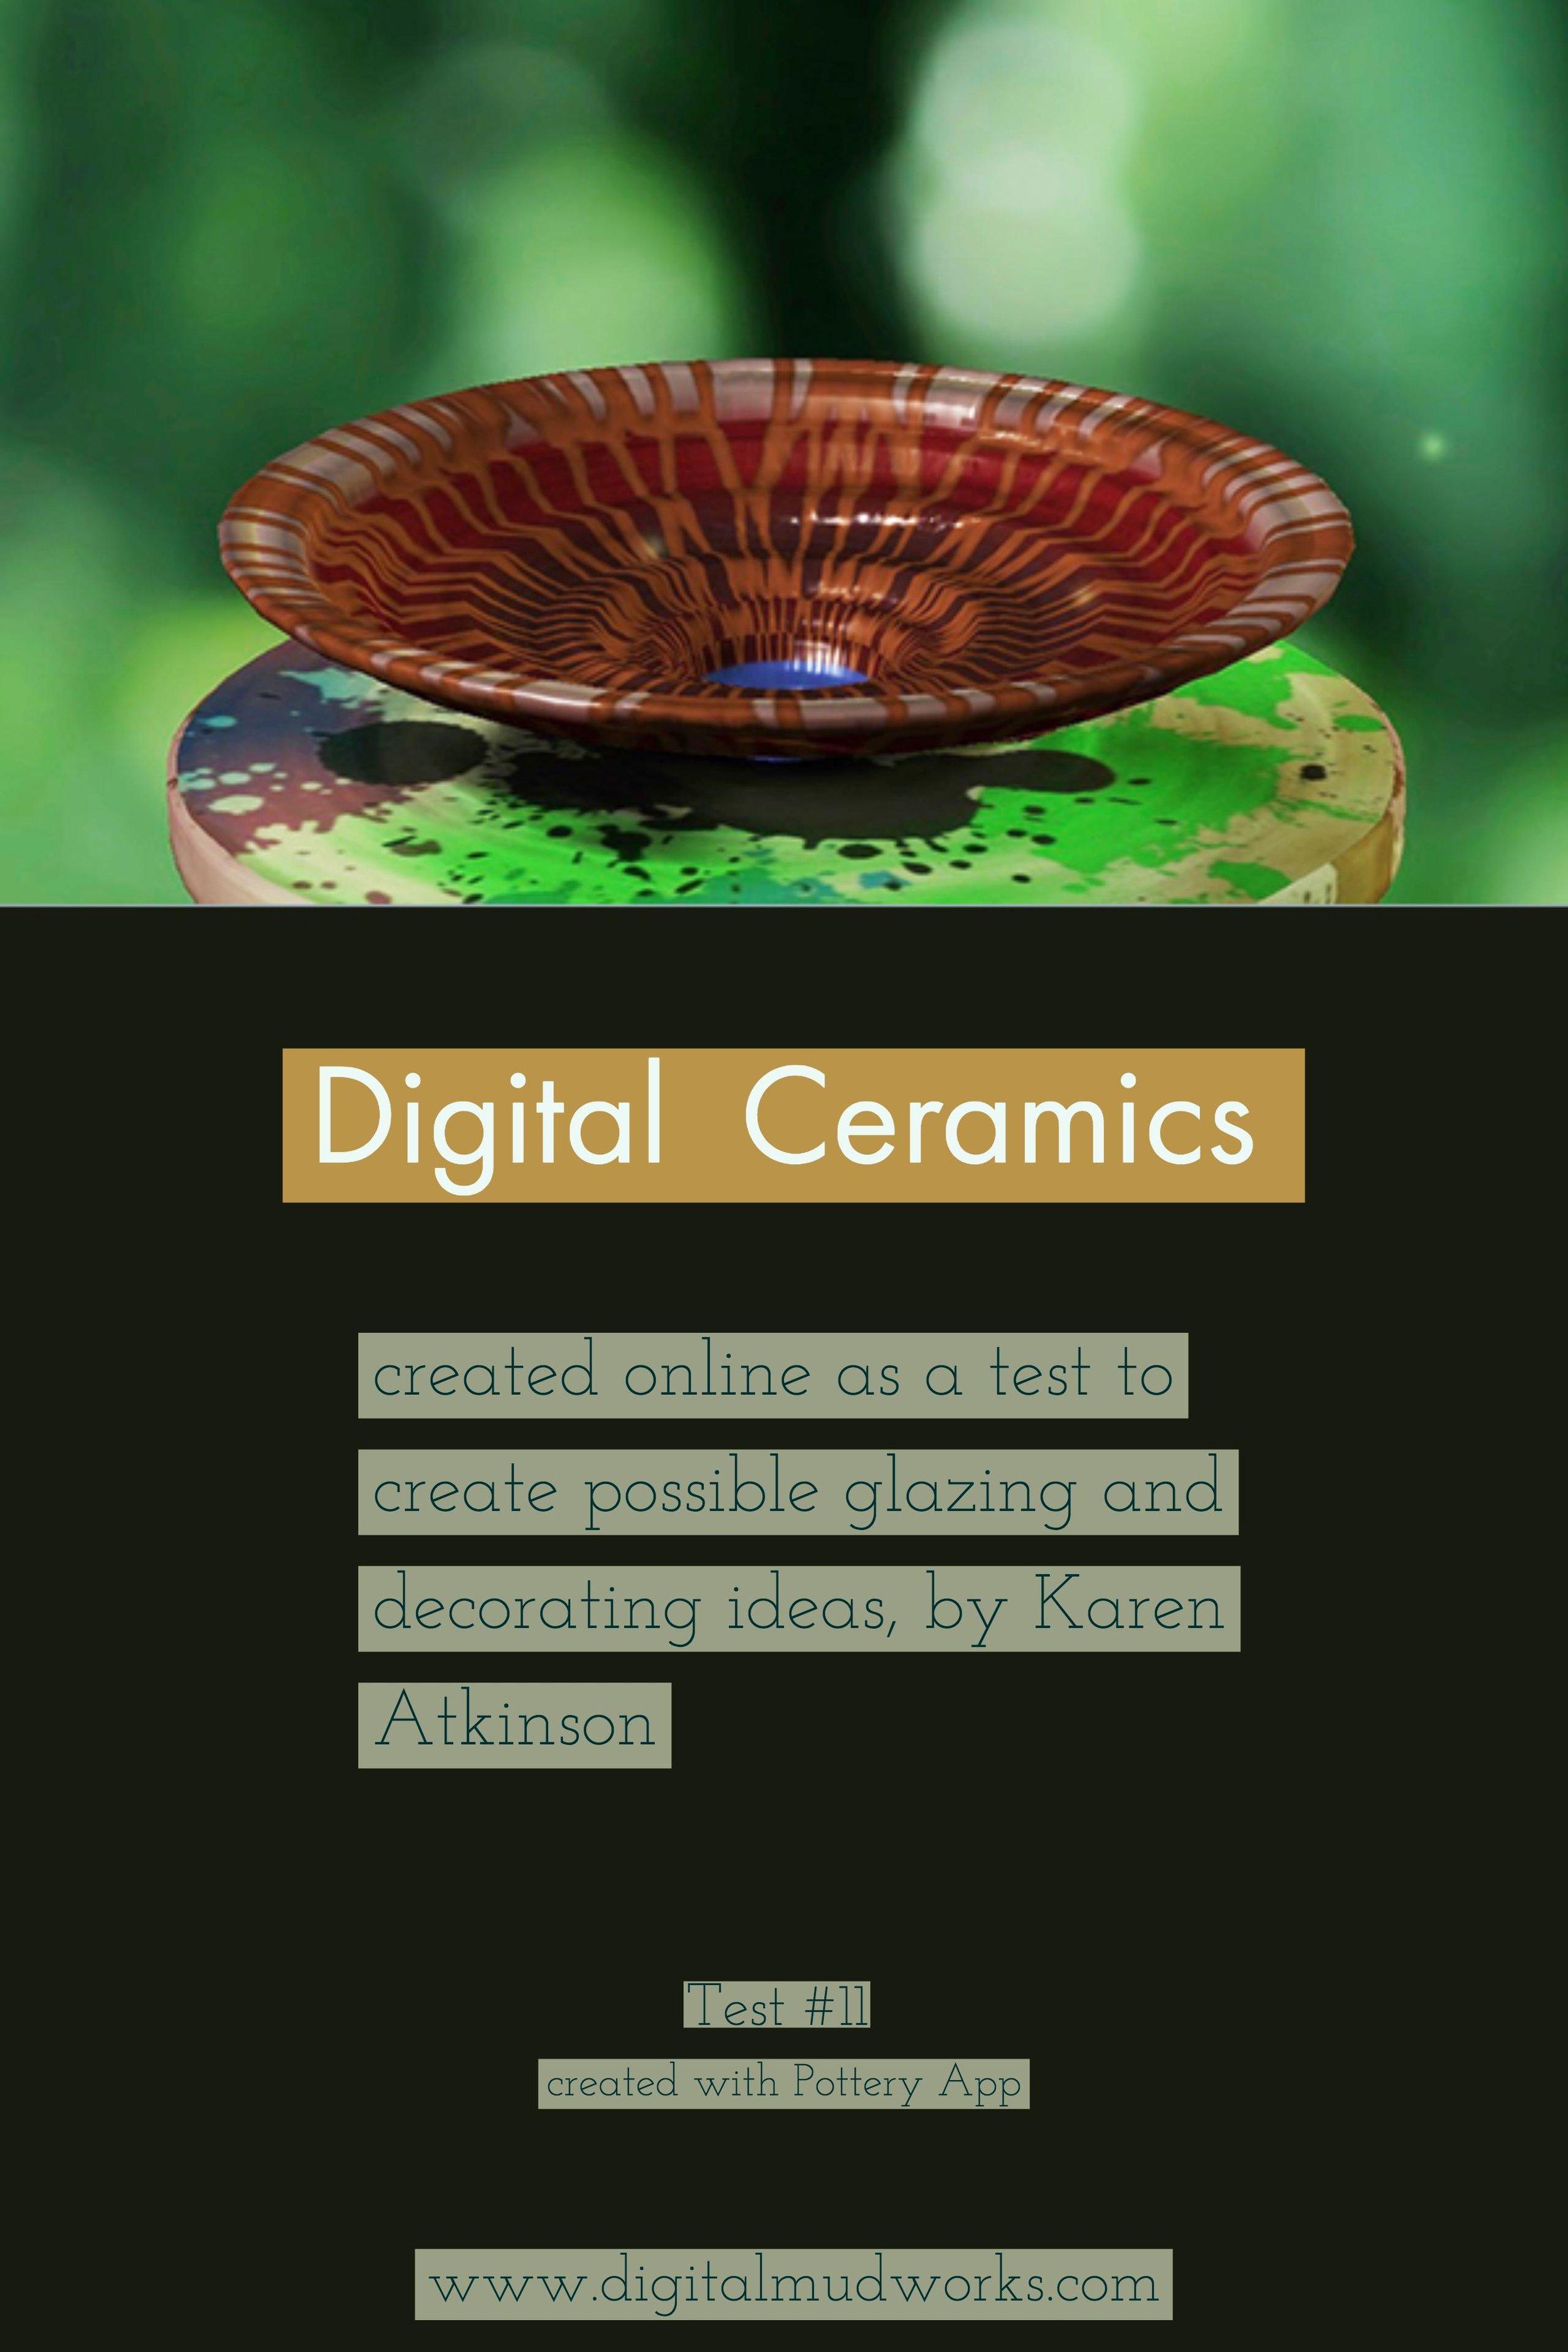 Digital Ceramics Test 011, using a computer app to do glaze and design tests. by Karen Atkinson